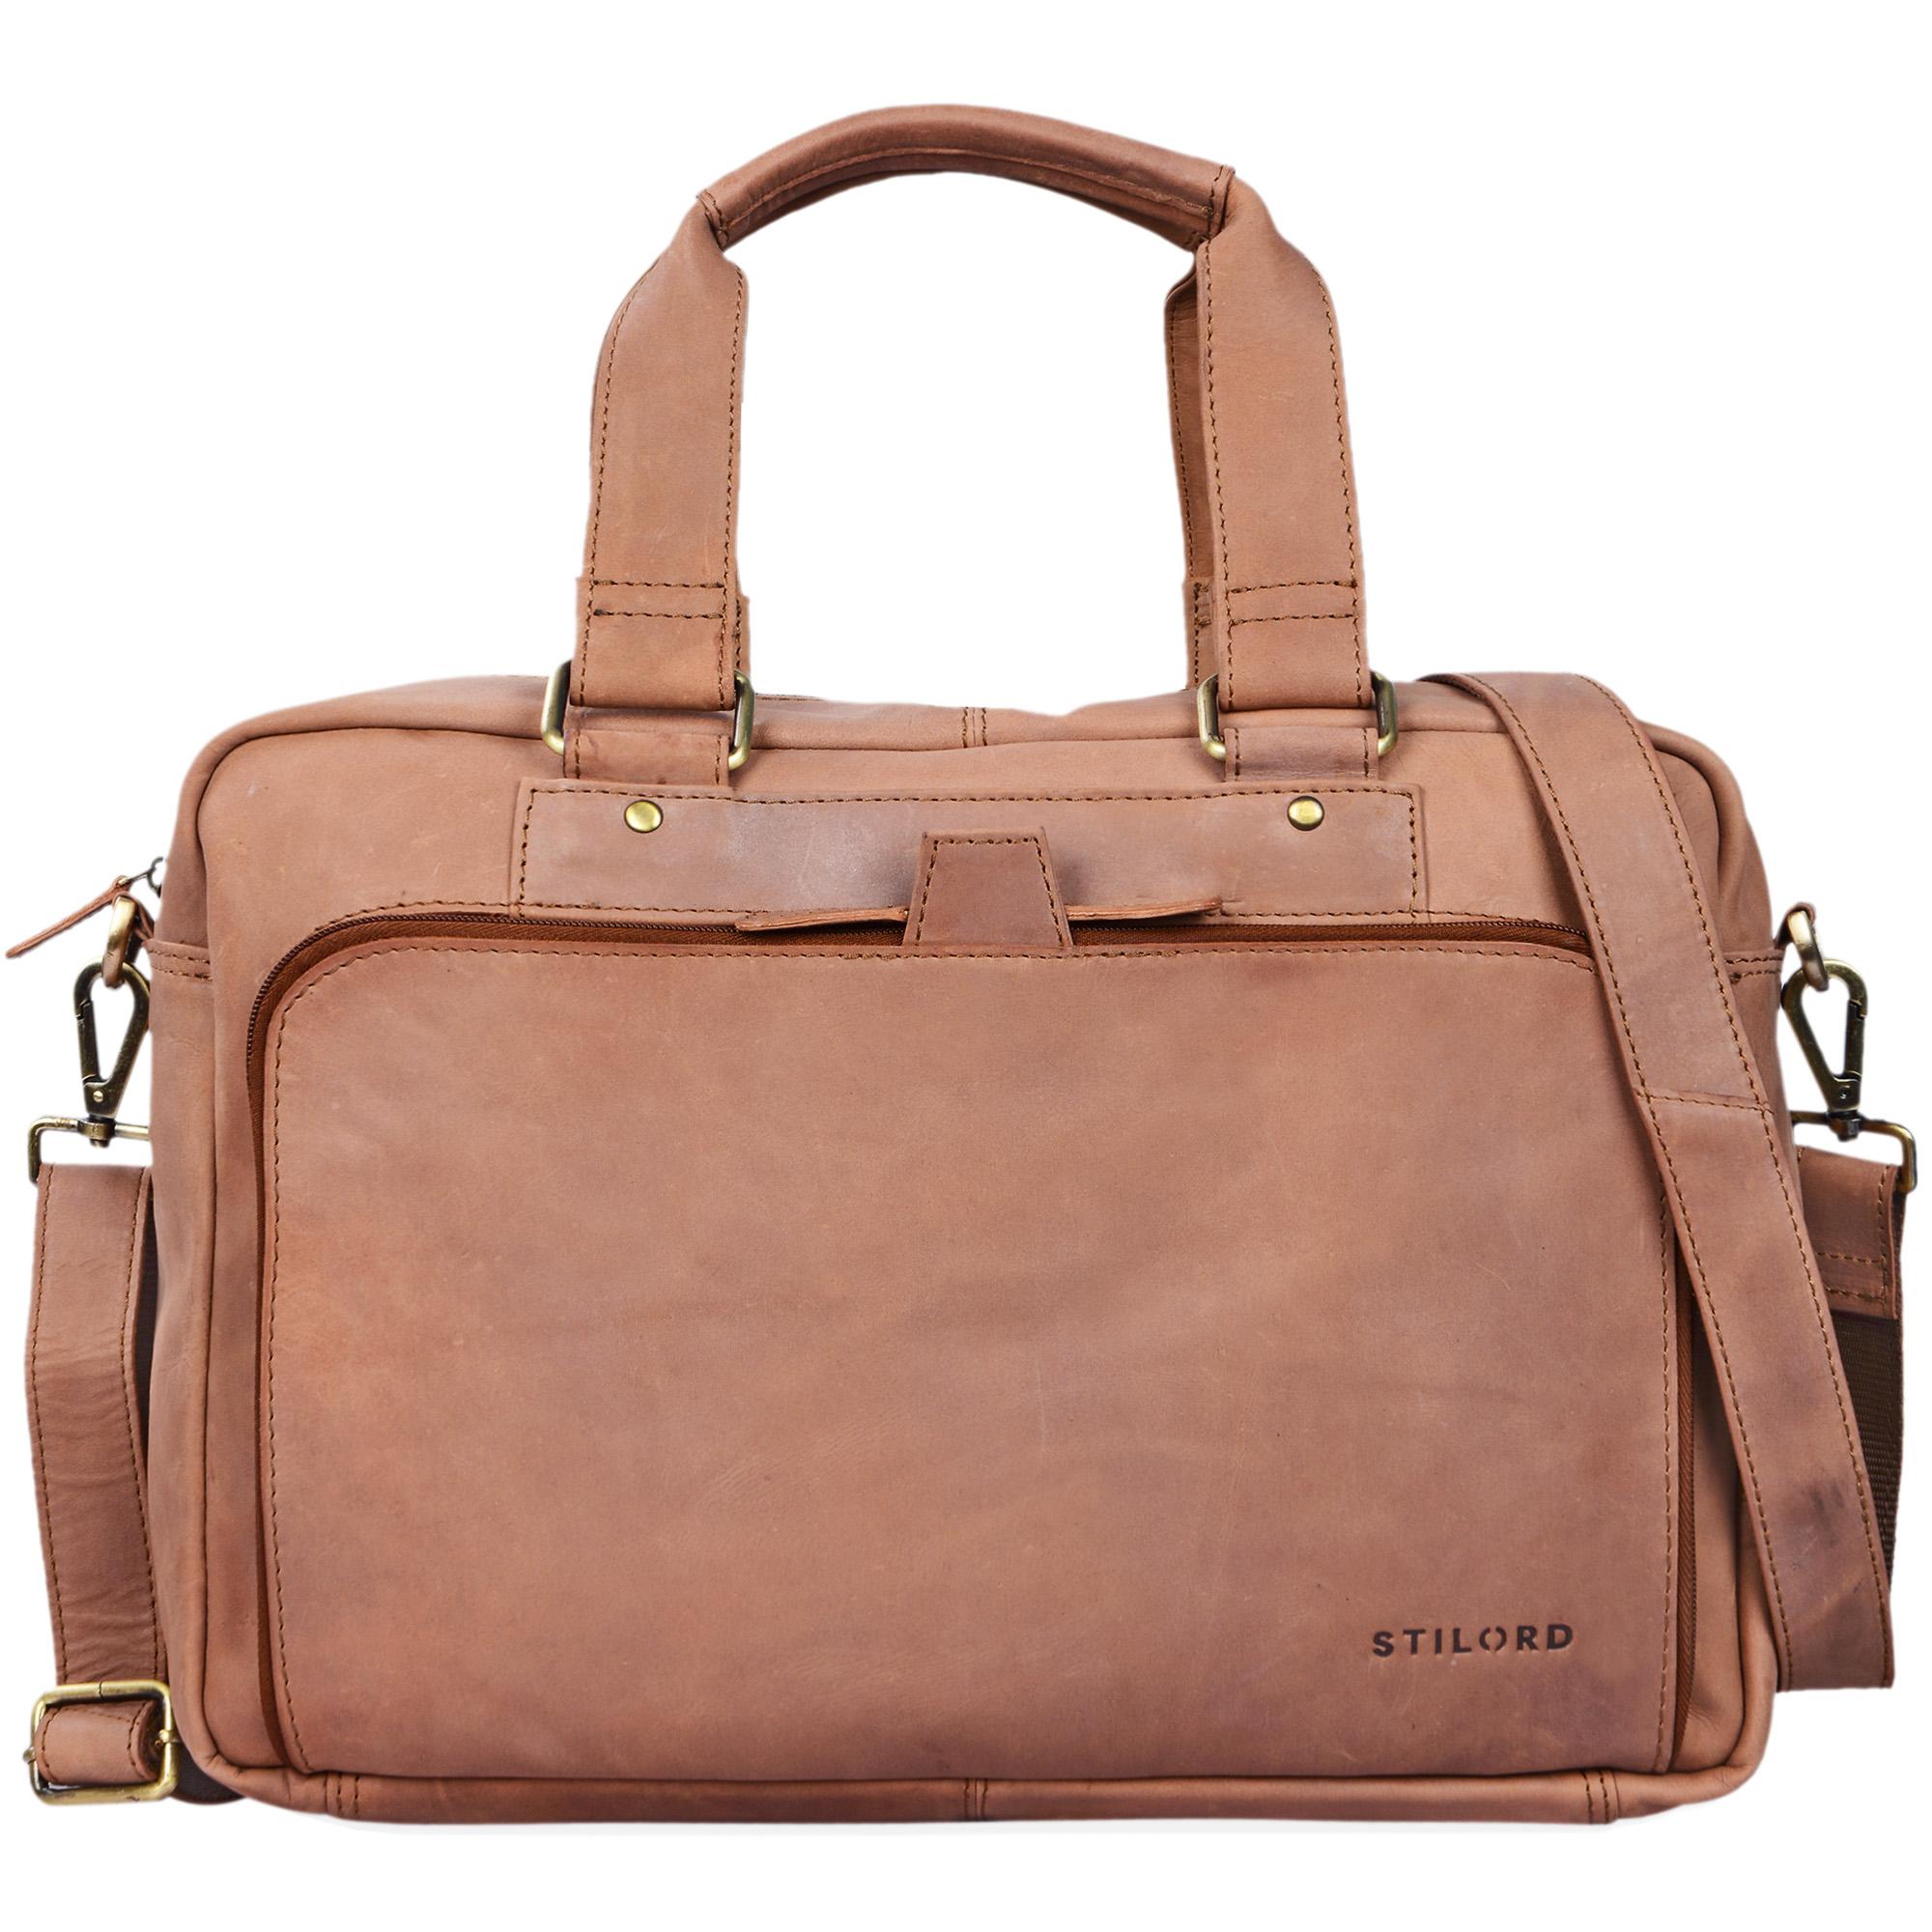 """STILORD """"Jon"""" Vintage Leder Umhängetasche Herren Damen Laptoptasche 15.6 Zoll für große DIN A4 Aktenordner Business Büro Arbeit Uni echtes Büffelleder - Bild 20"""